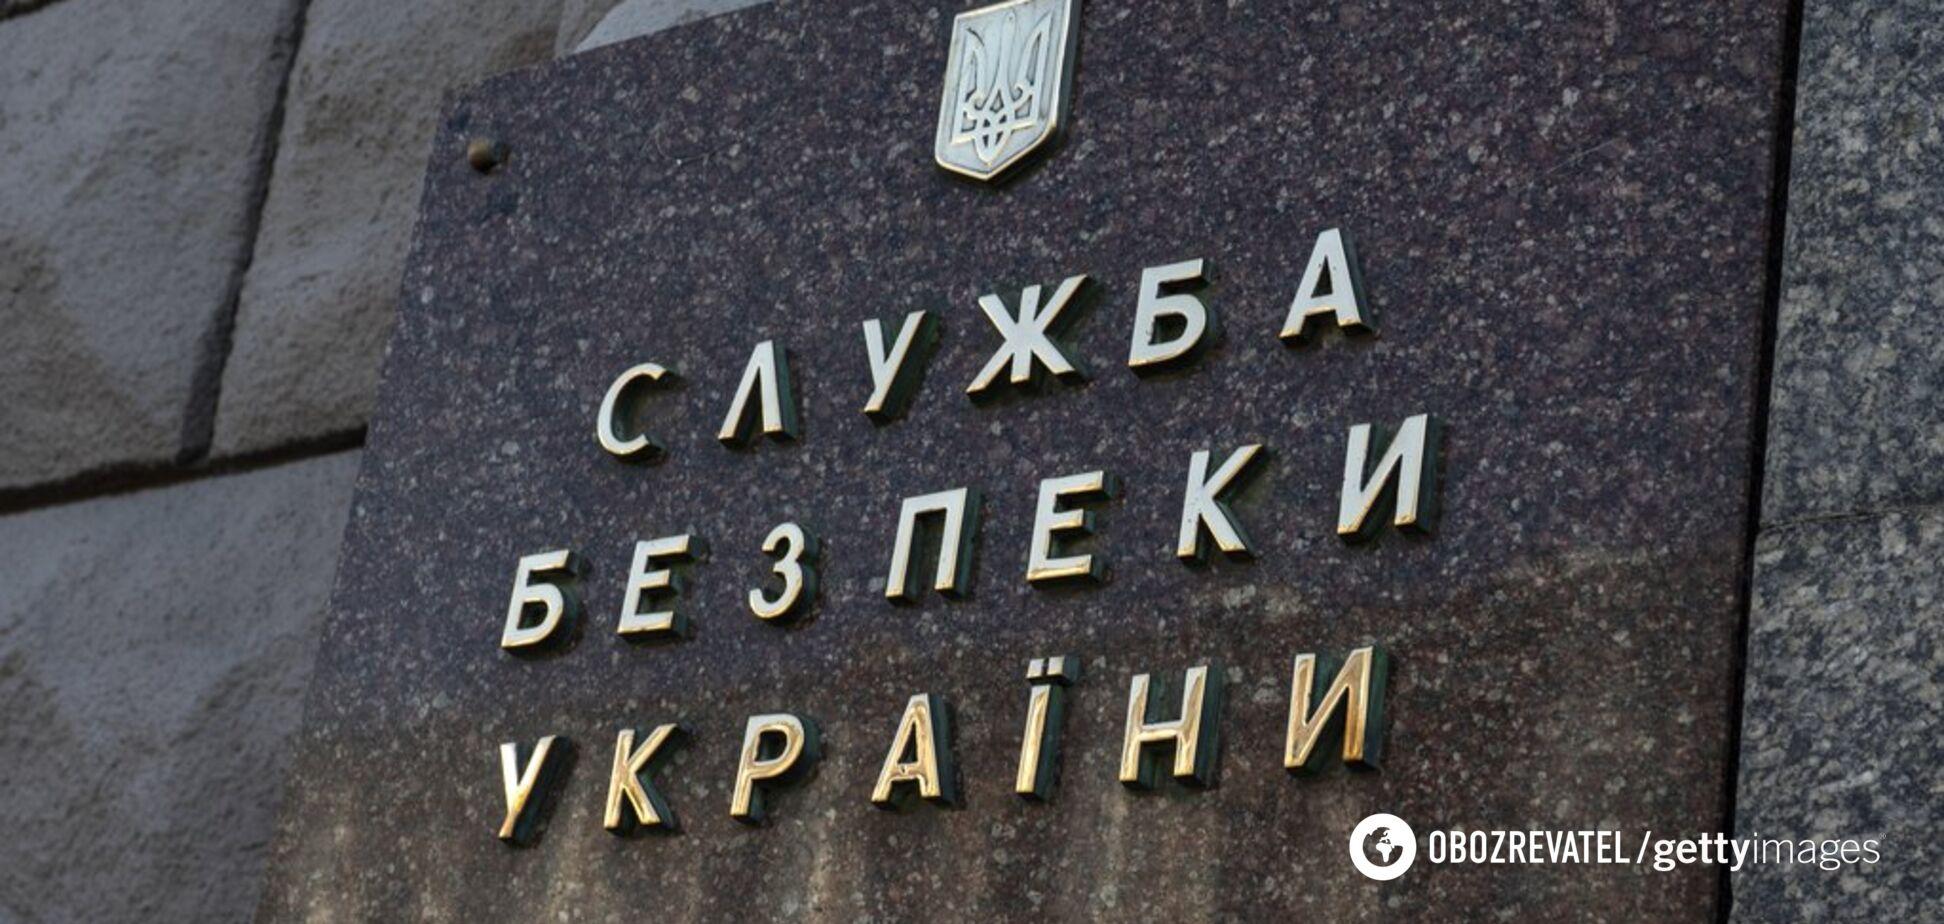 Протести, заворушення та кров: в СБУ повідомили, як Росія готувала захоплення України